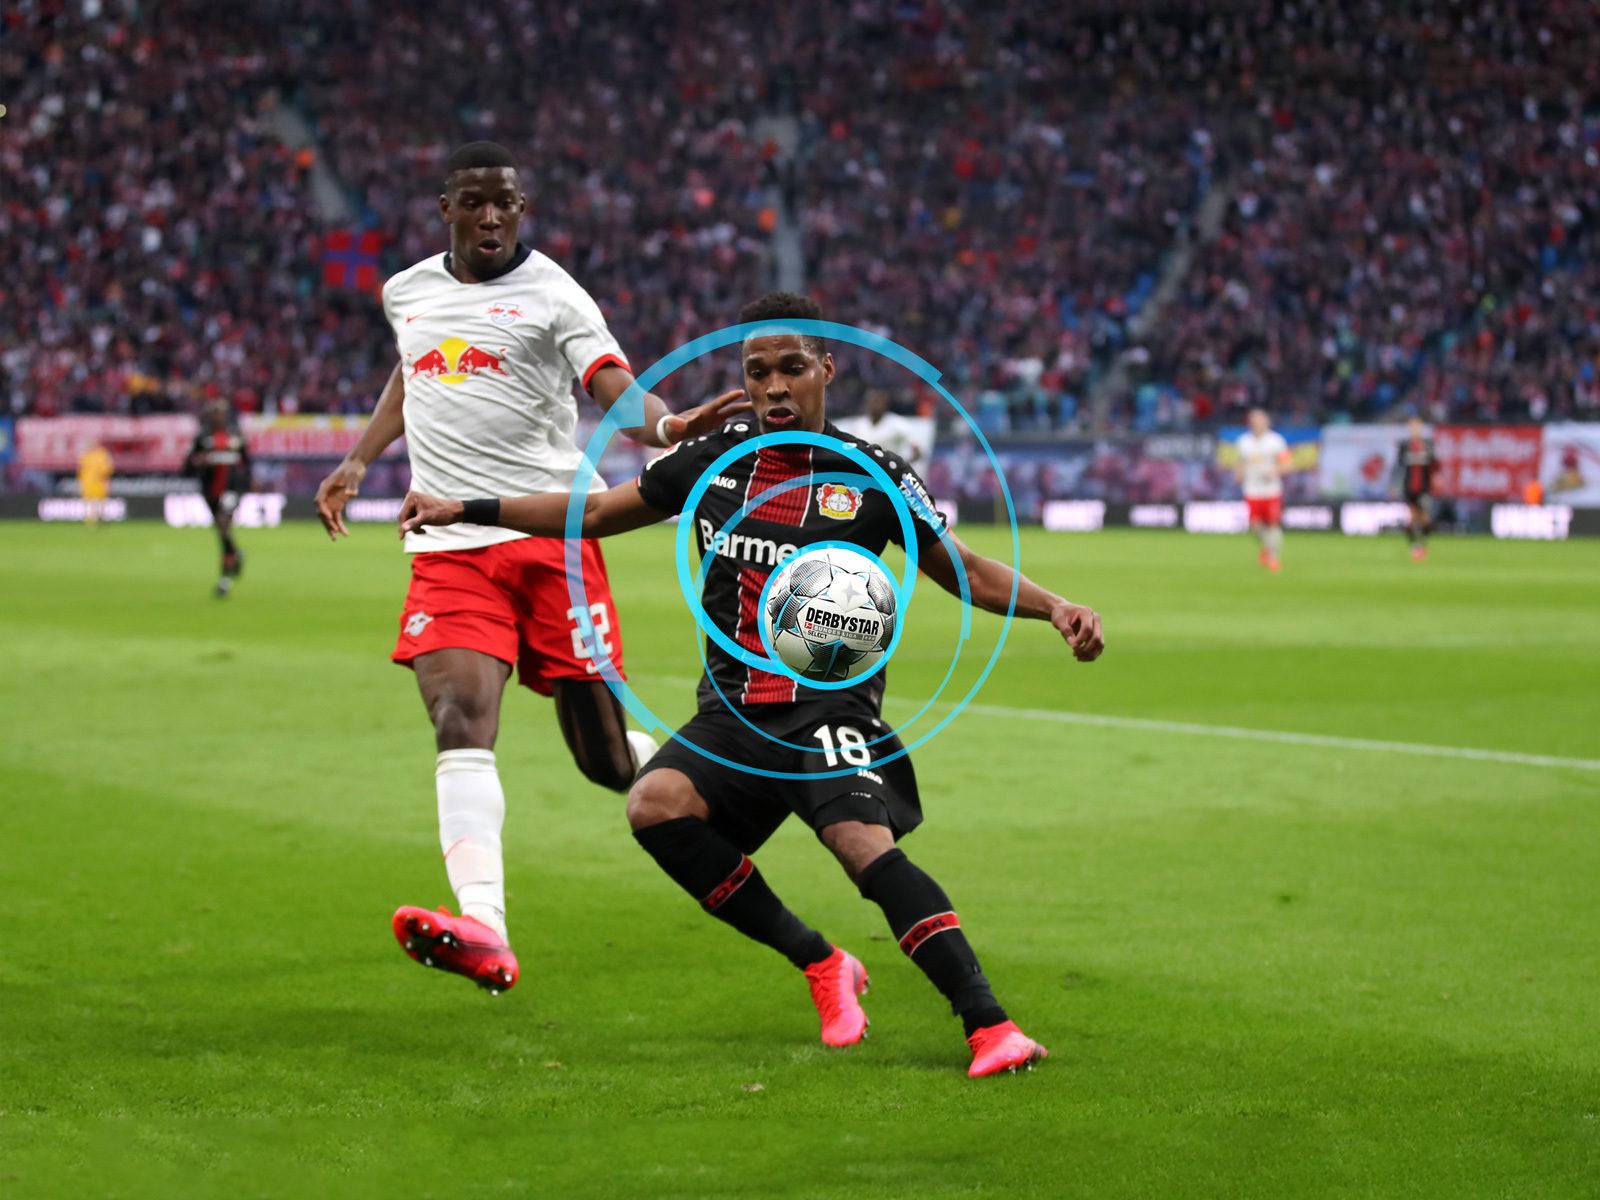 KINEXON football analytics solution